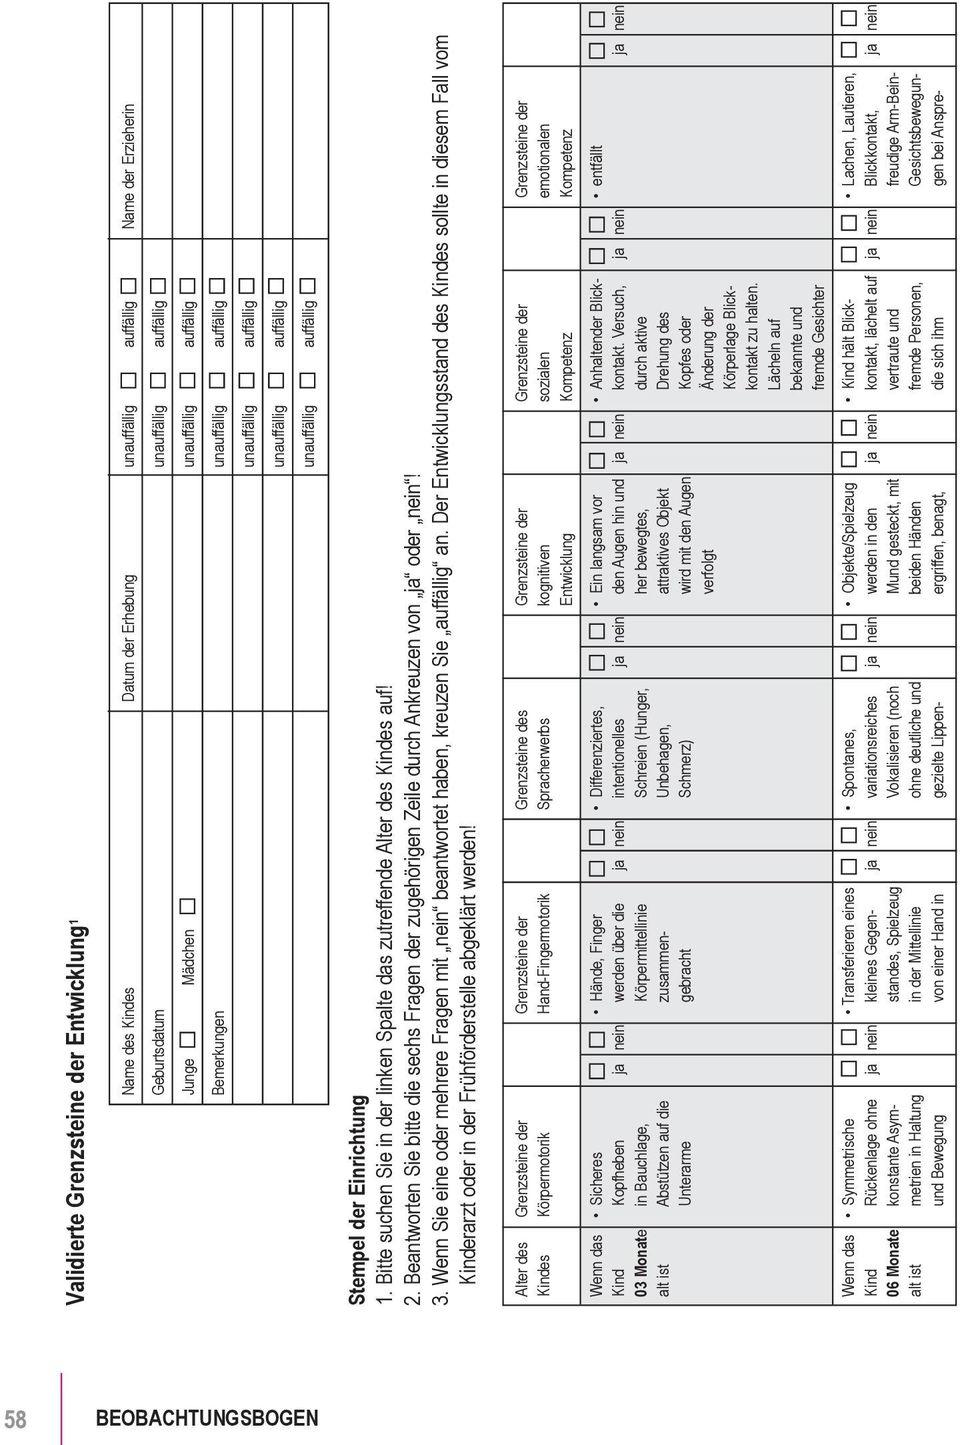 Beobachtungsbogen Zu Den Grenzsteinen Der Entwicklung - Pdf für Kognitive Entwicklung Kind Tabelle